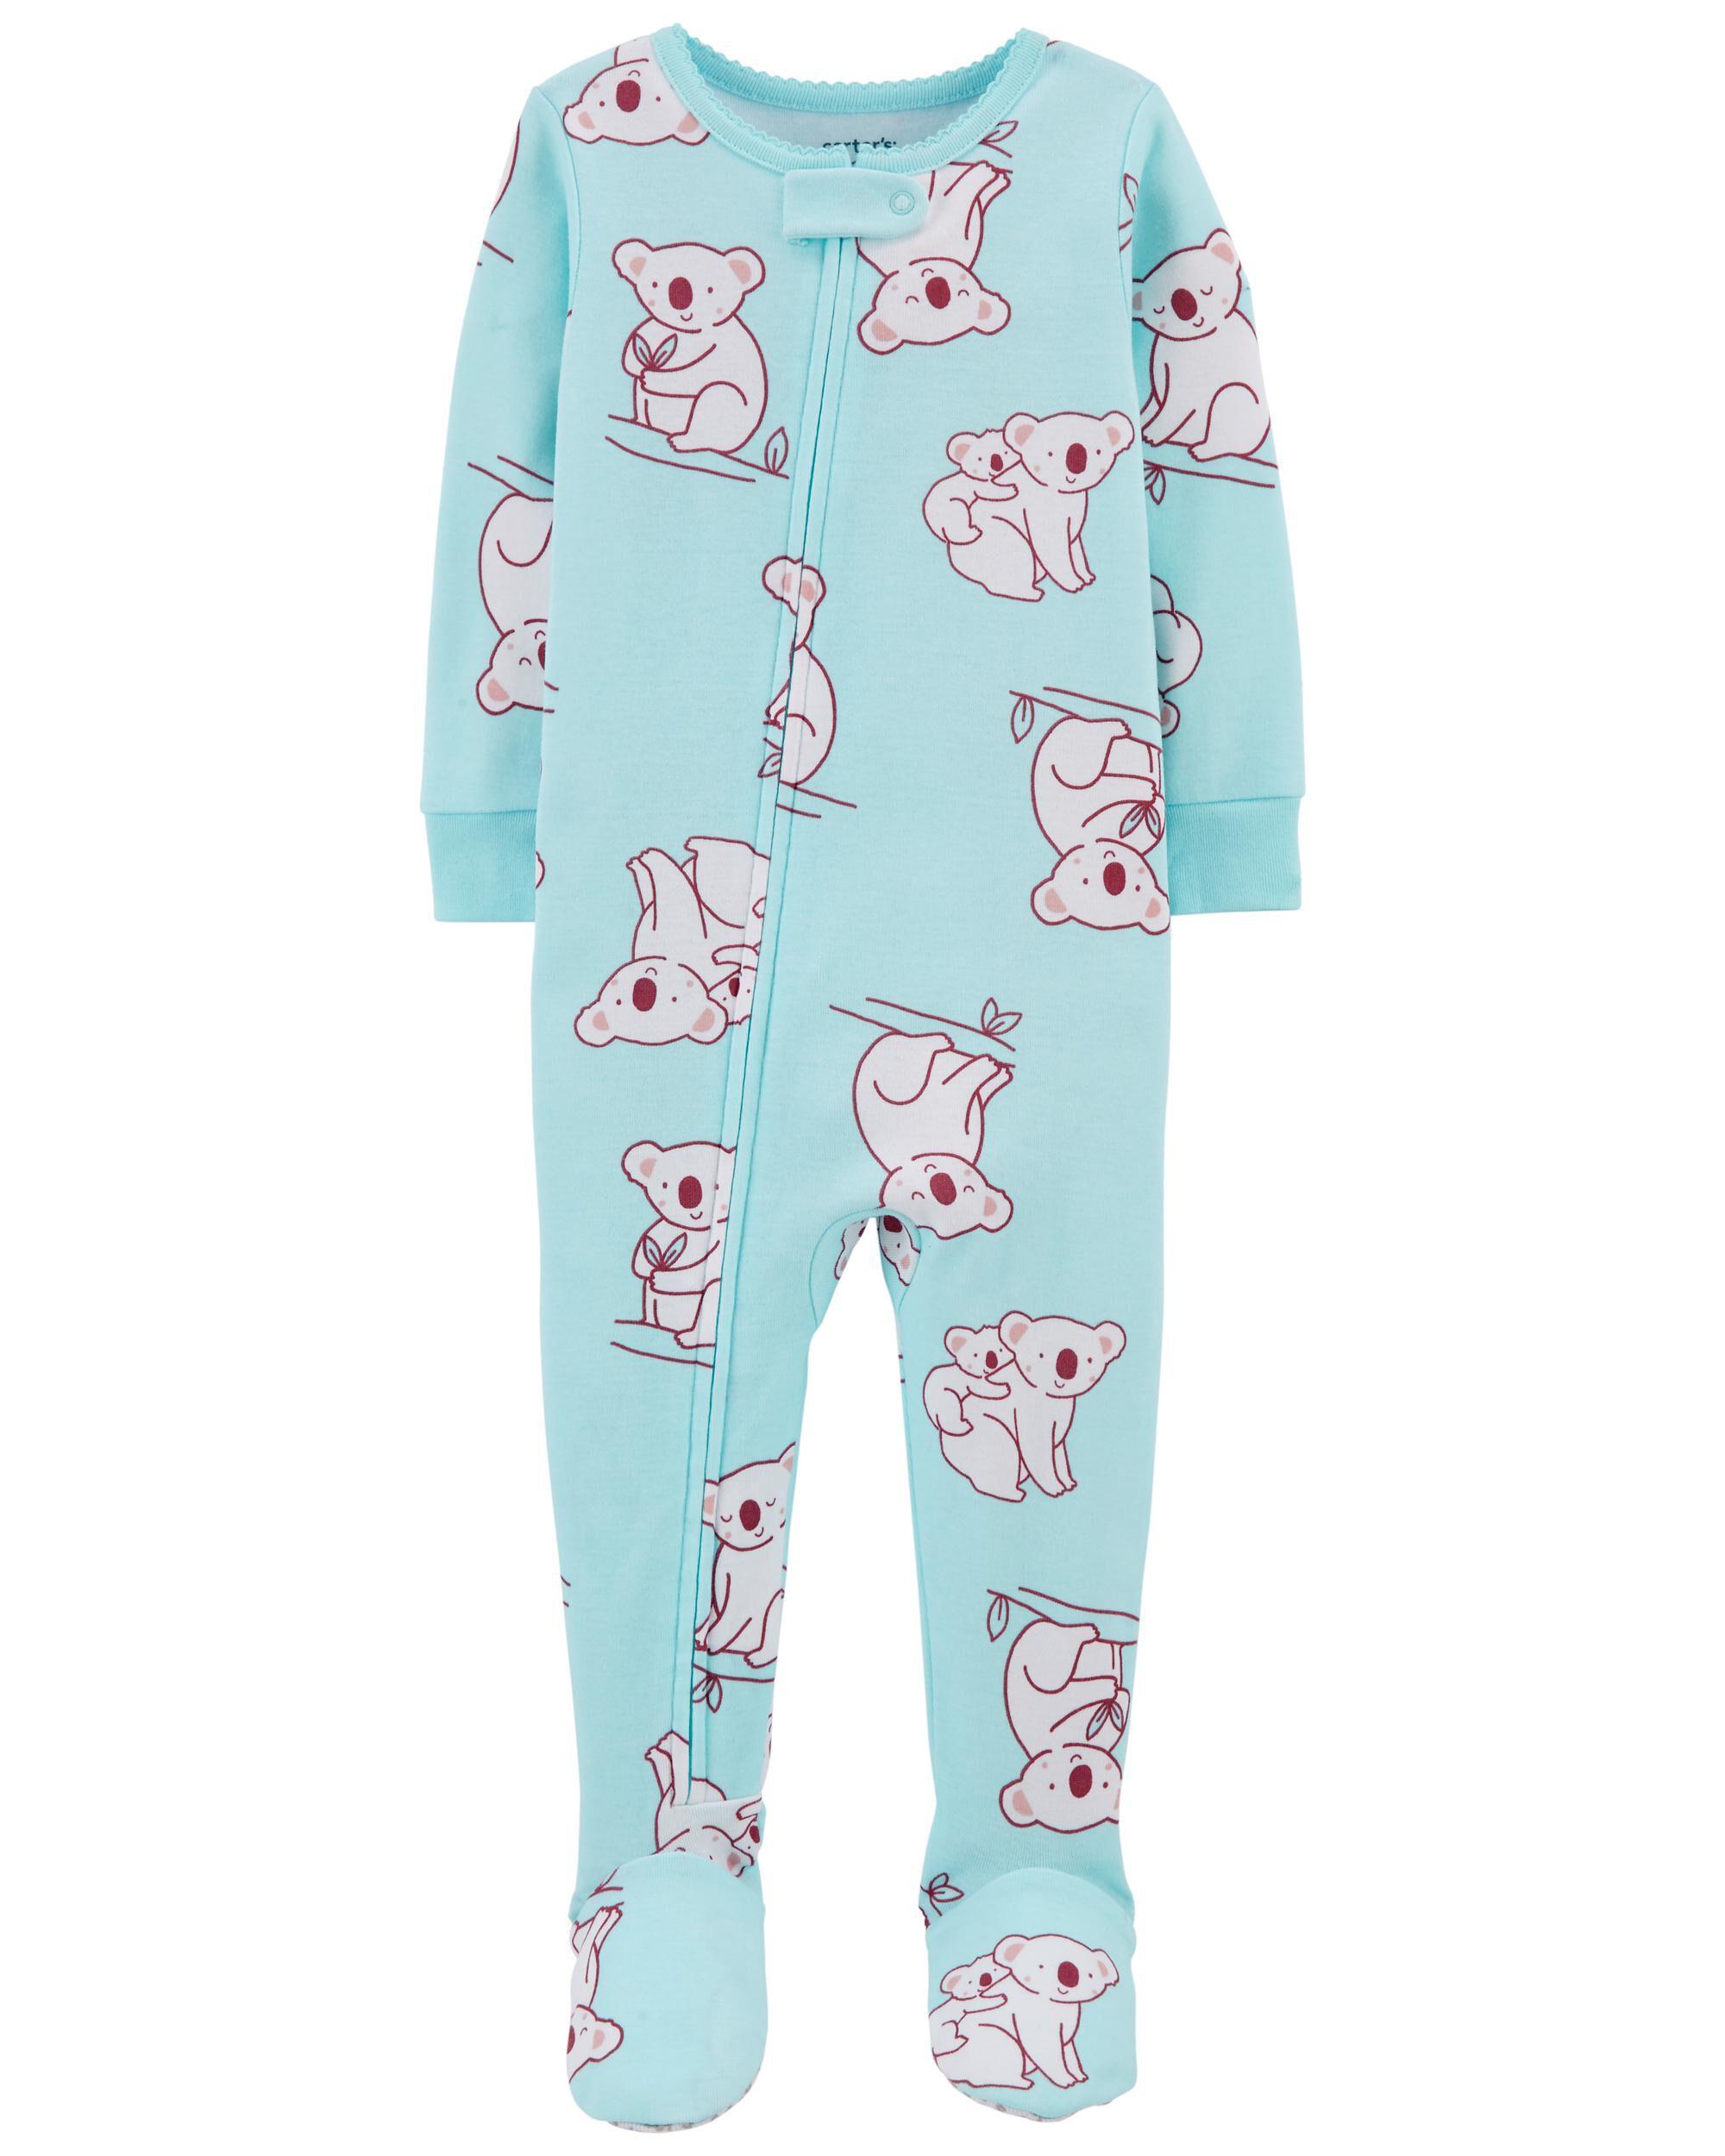 Carters 1-Piece Koala 100% Snug Fit Cotton Footie PJs